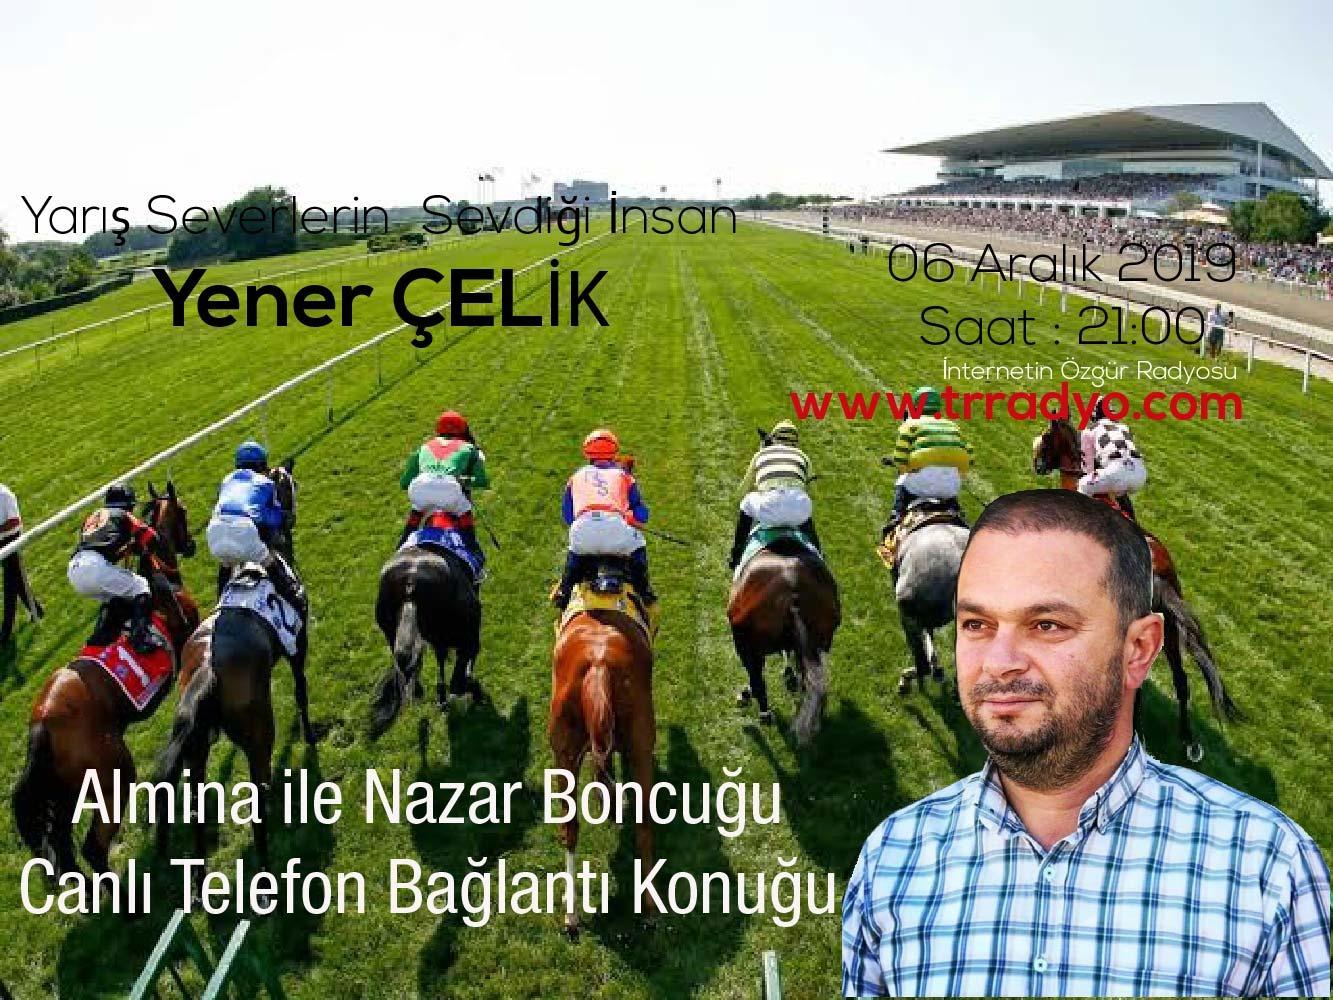 Yener Celik